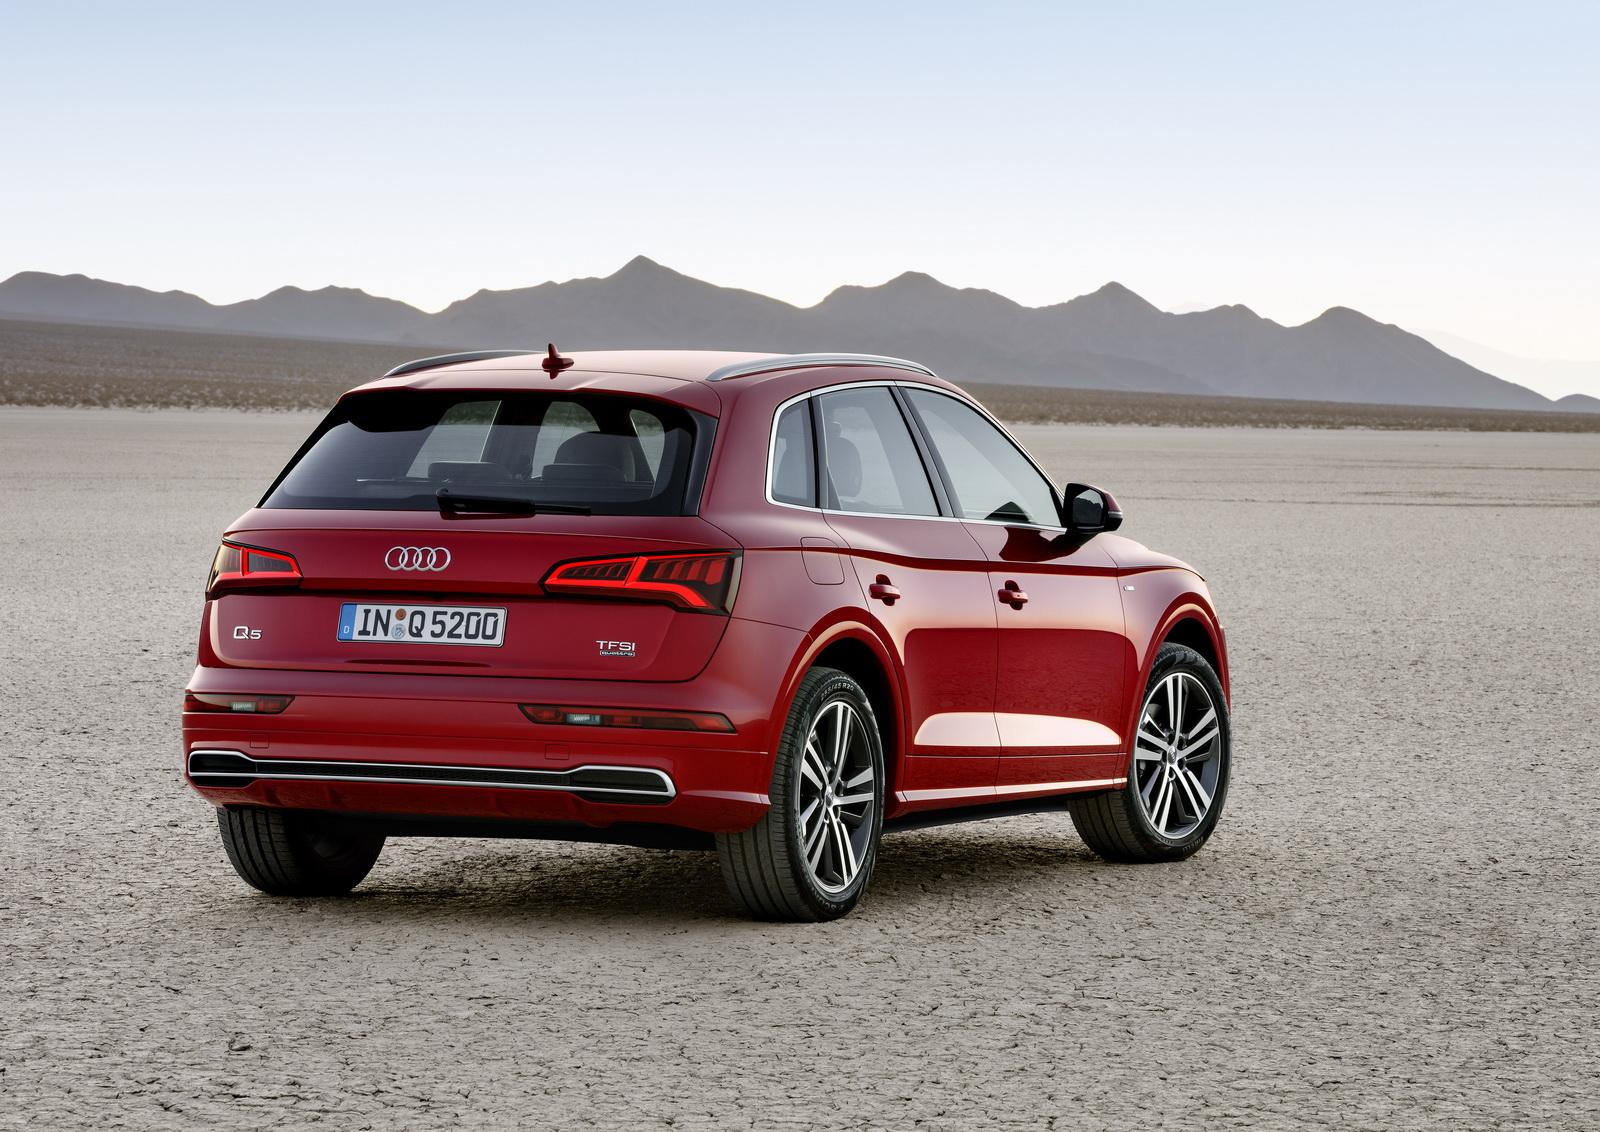 Audi представляет новую модель Audi Q5 второго поколения